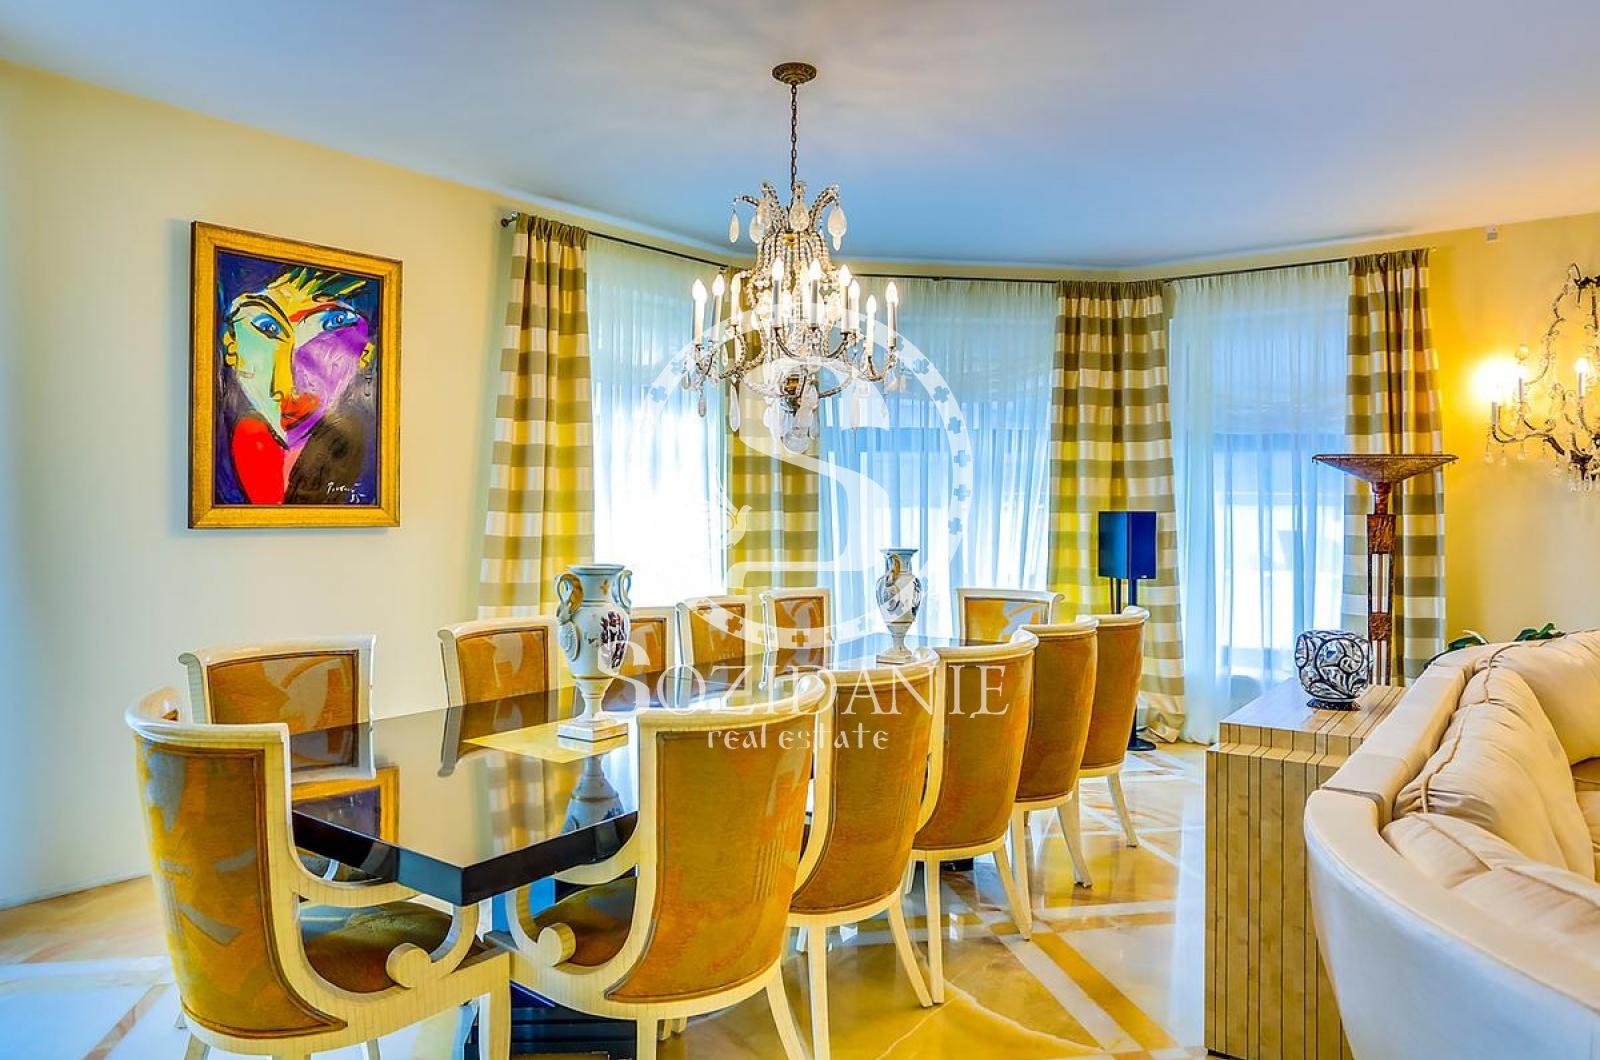 3 Комнаты, Городская, Продажа, Малый Каковинский, Listing ID 3487, Москва, Россия,